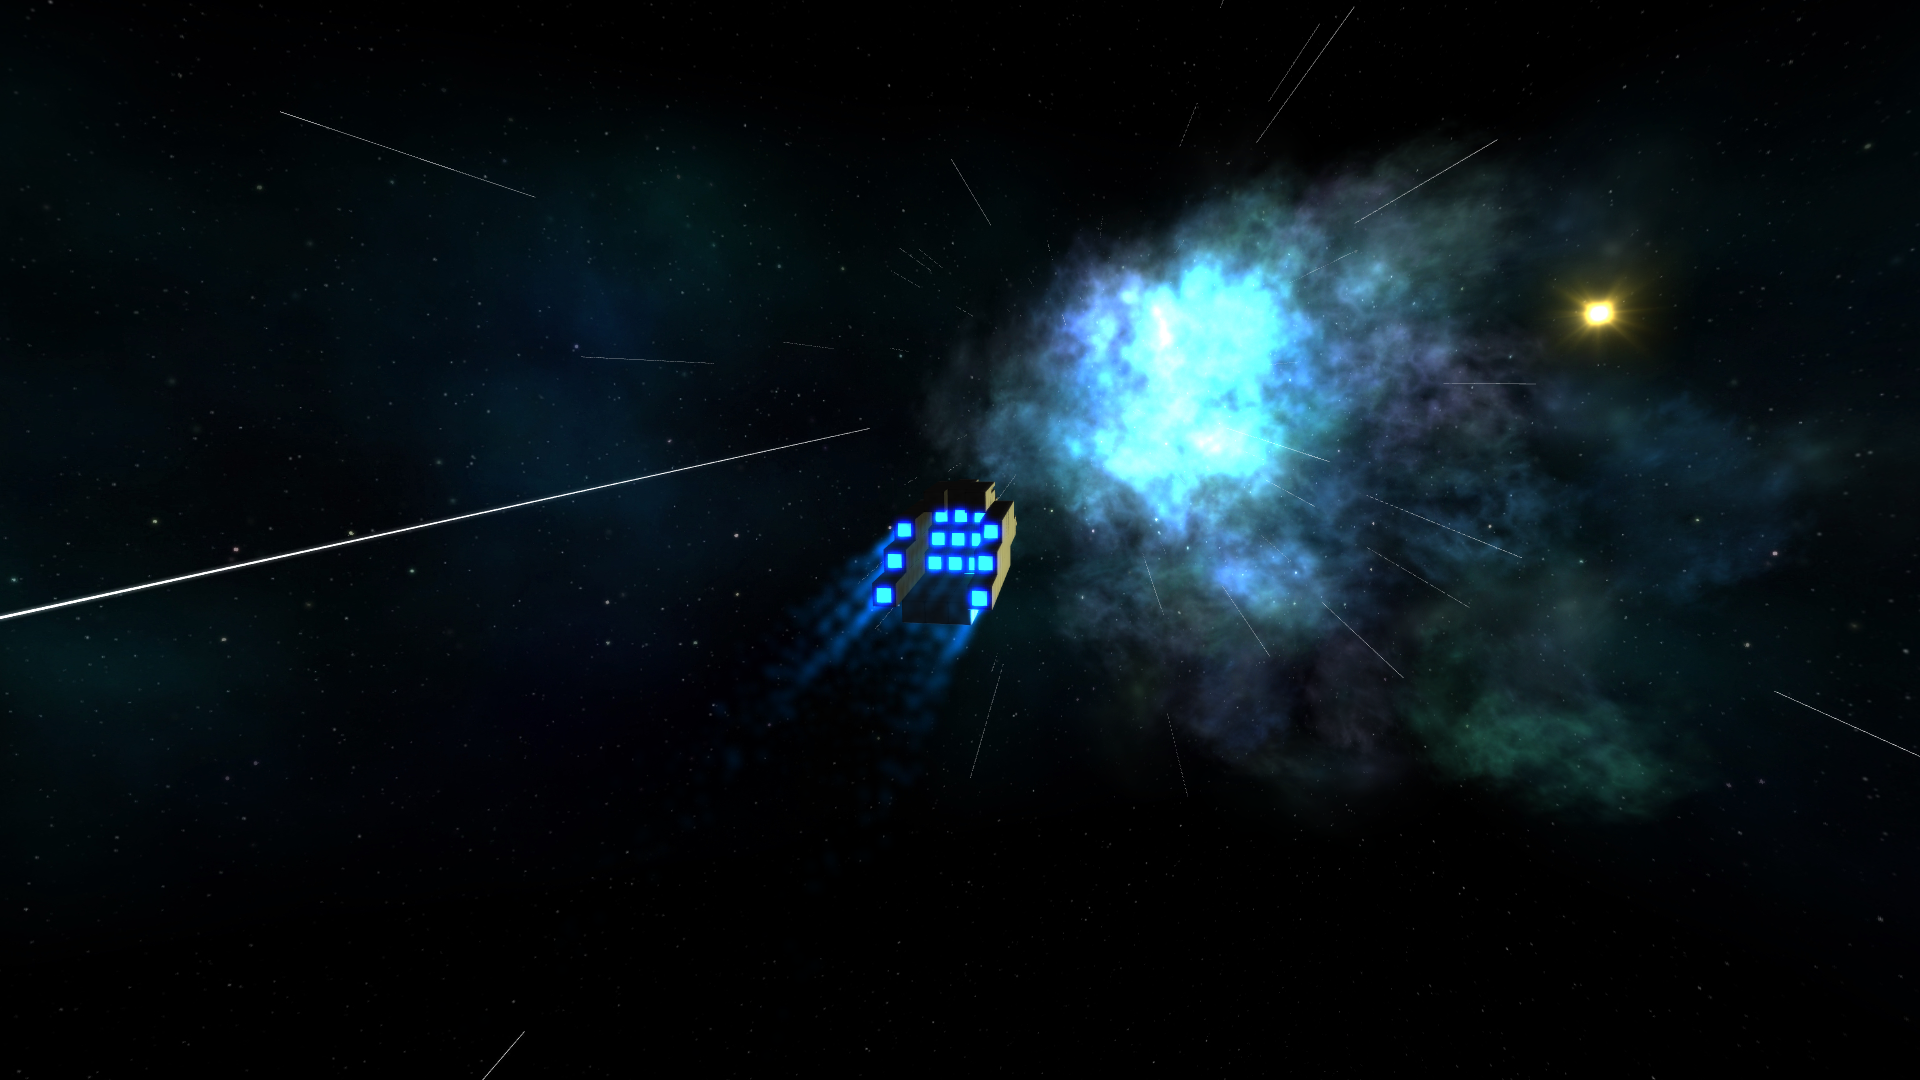 Approaching bluish nebula